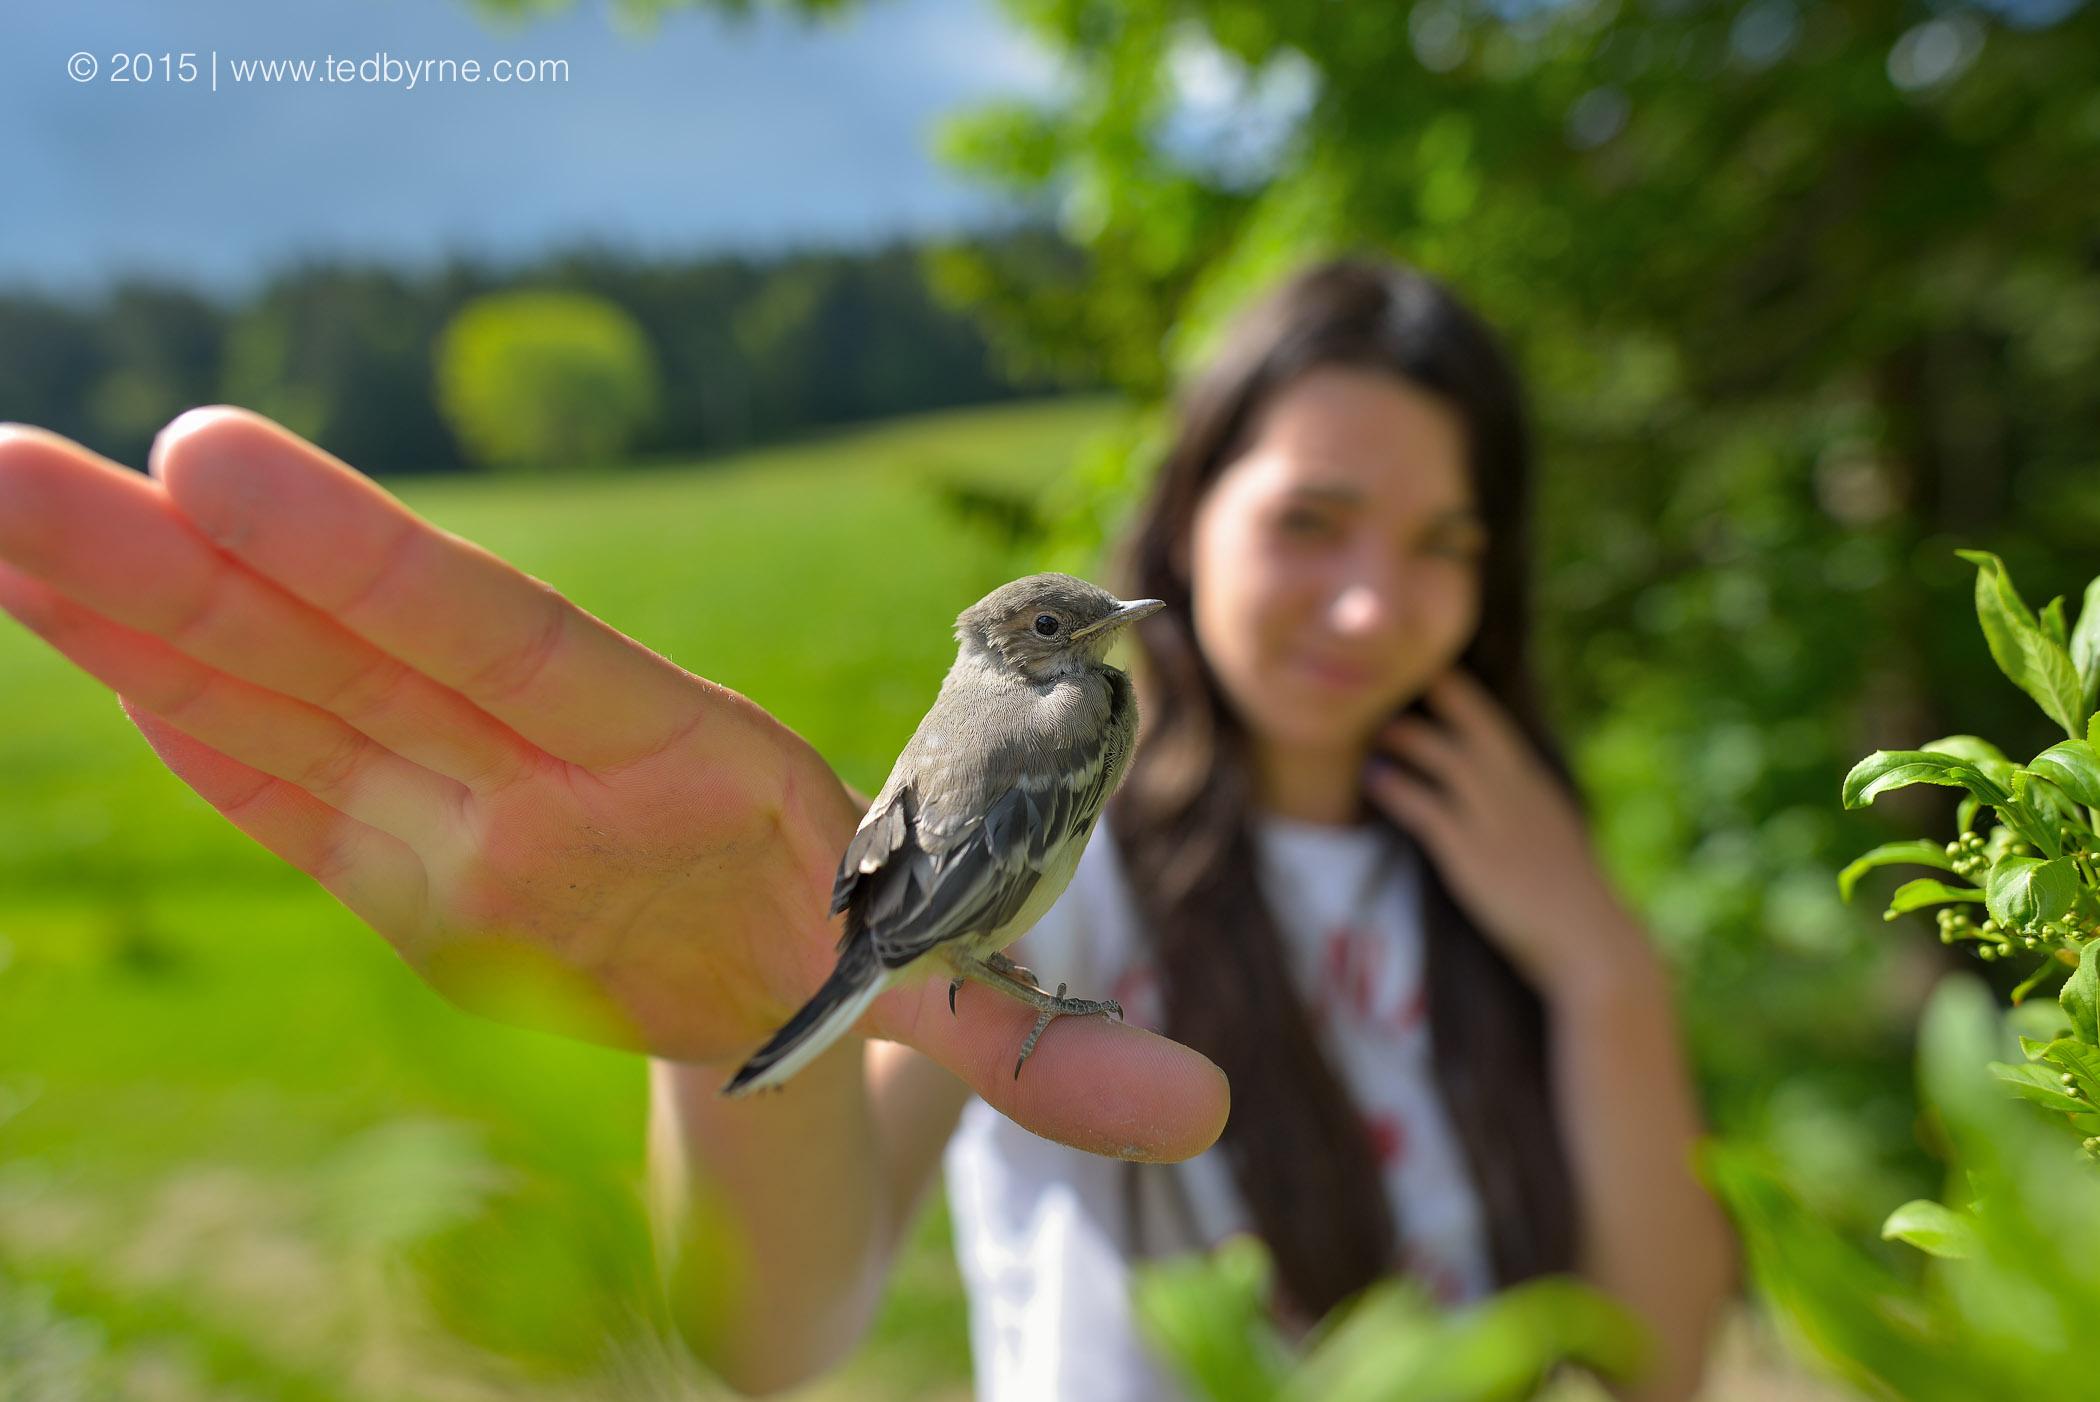 Young girl releasing baby bird